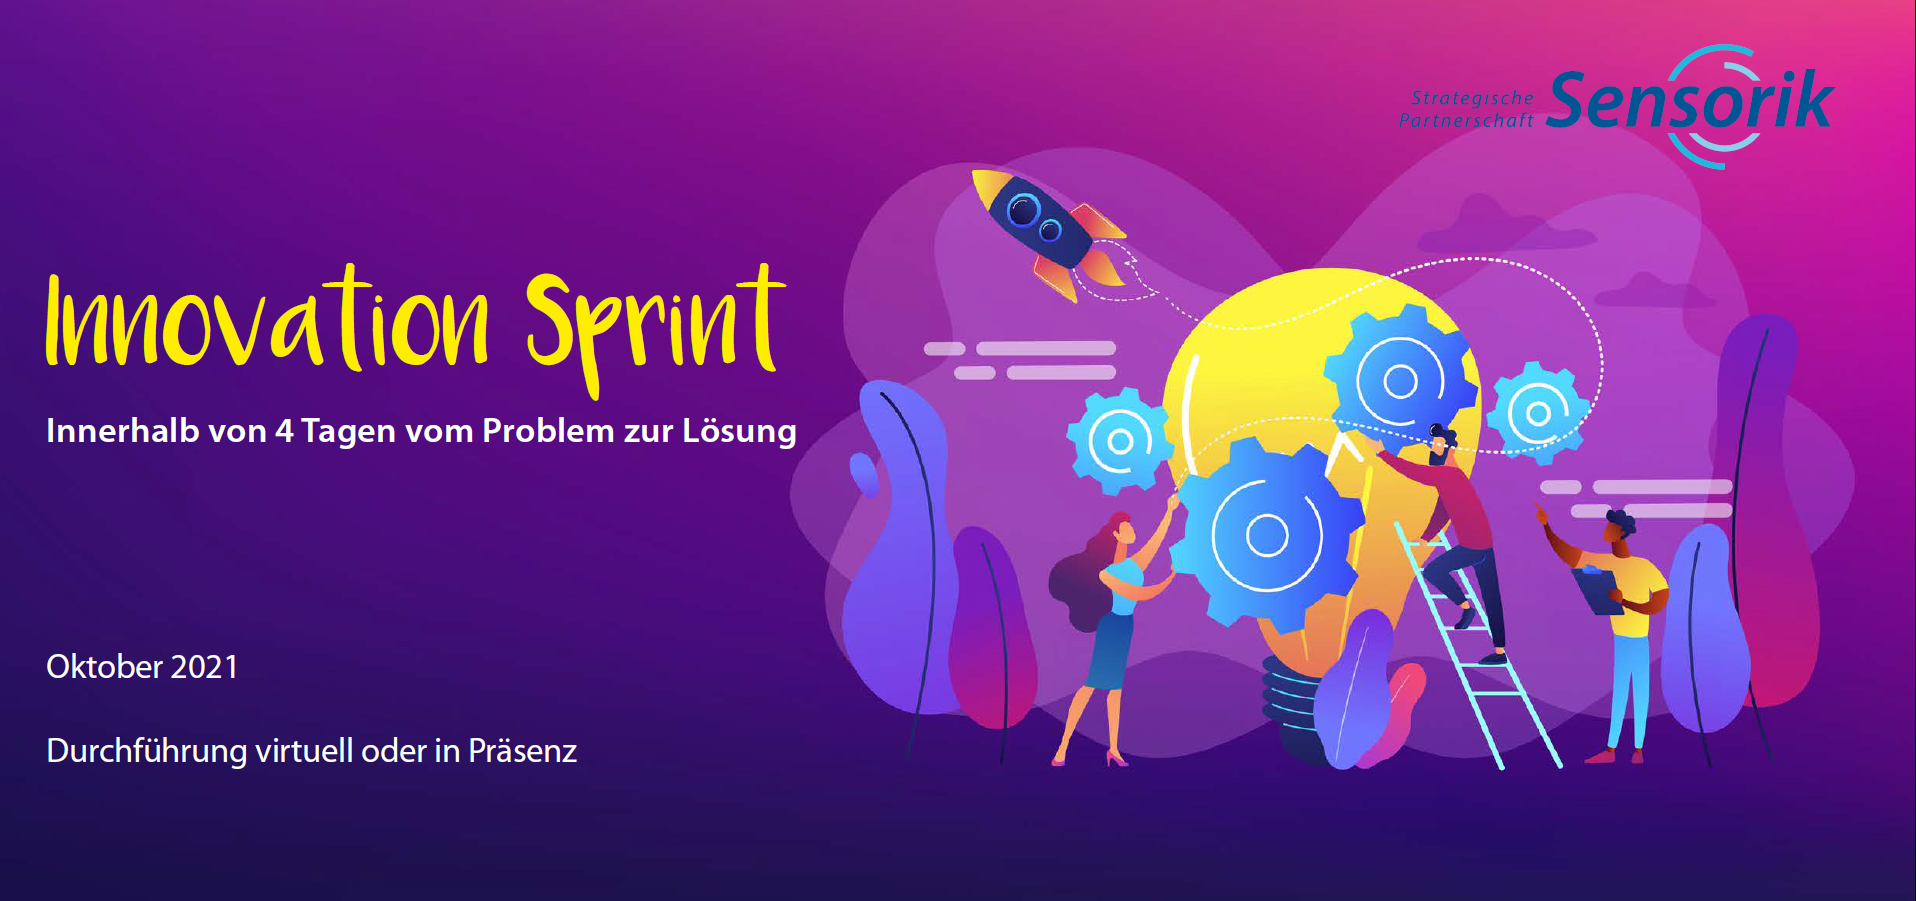 Innovation Sprint (Oktober 2021)